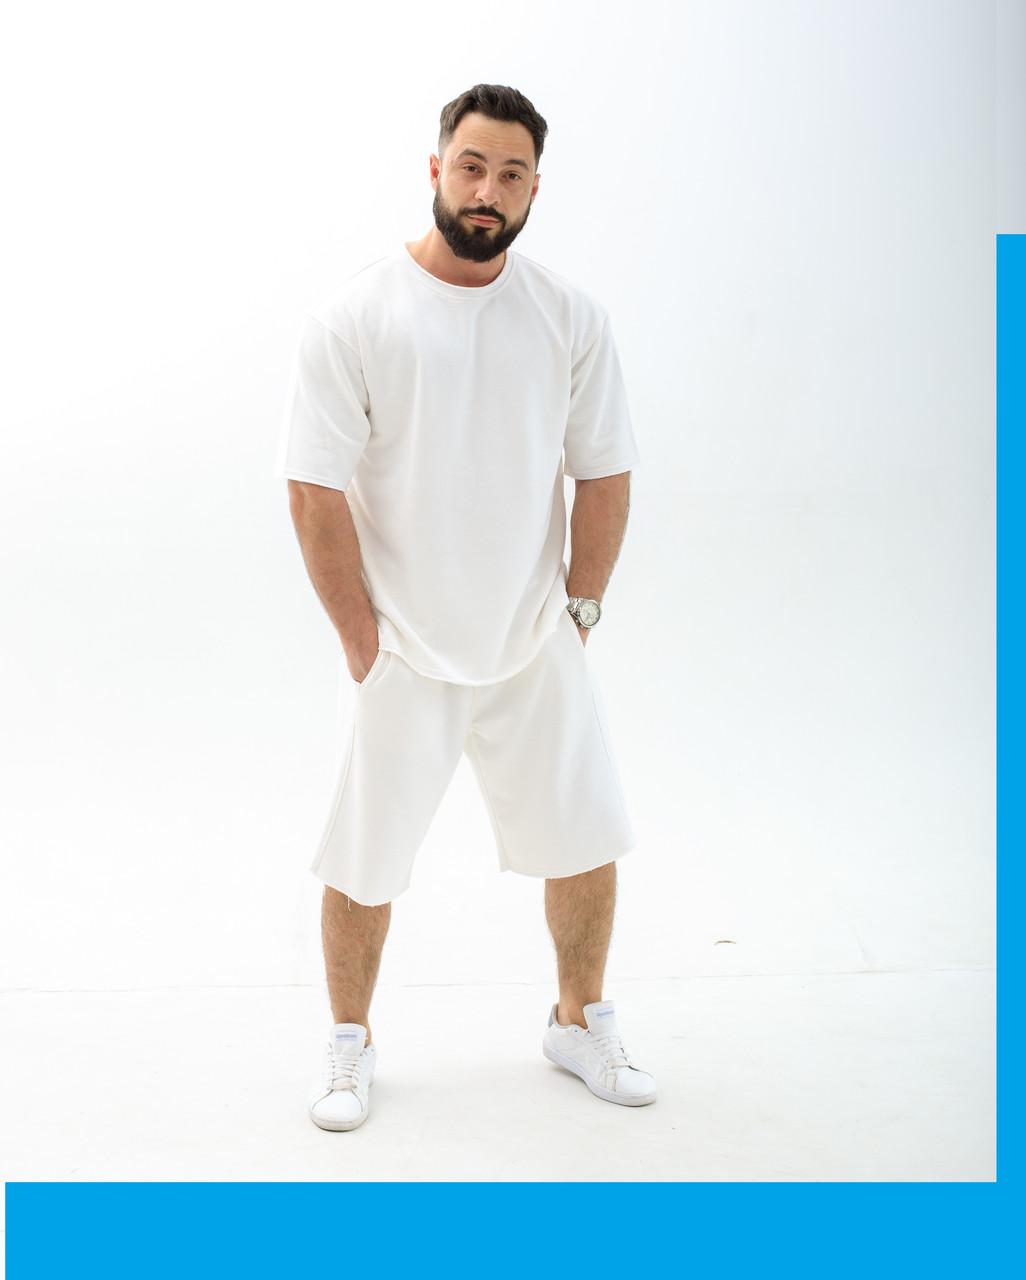 Комплект Футболка + Шорты  | Спортивный костюм мужской летний /  Шорты футболка светло-серого цвета